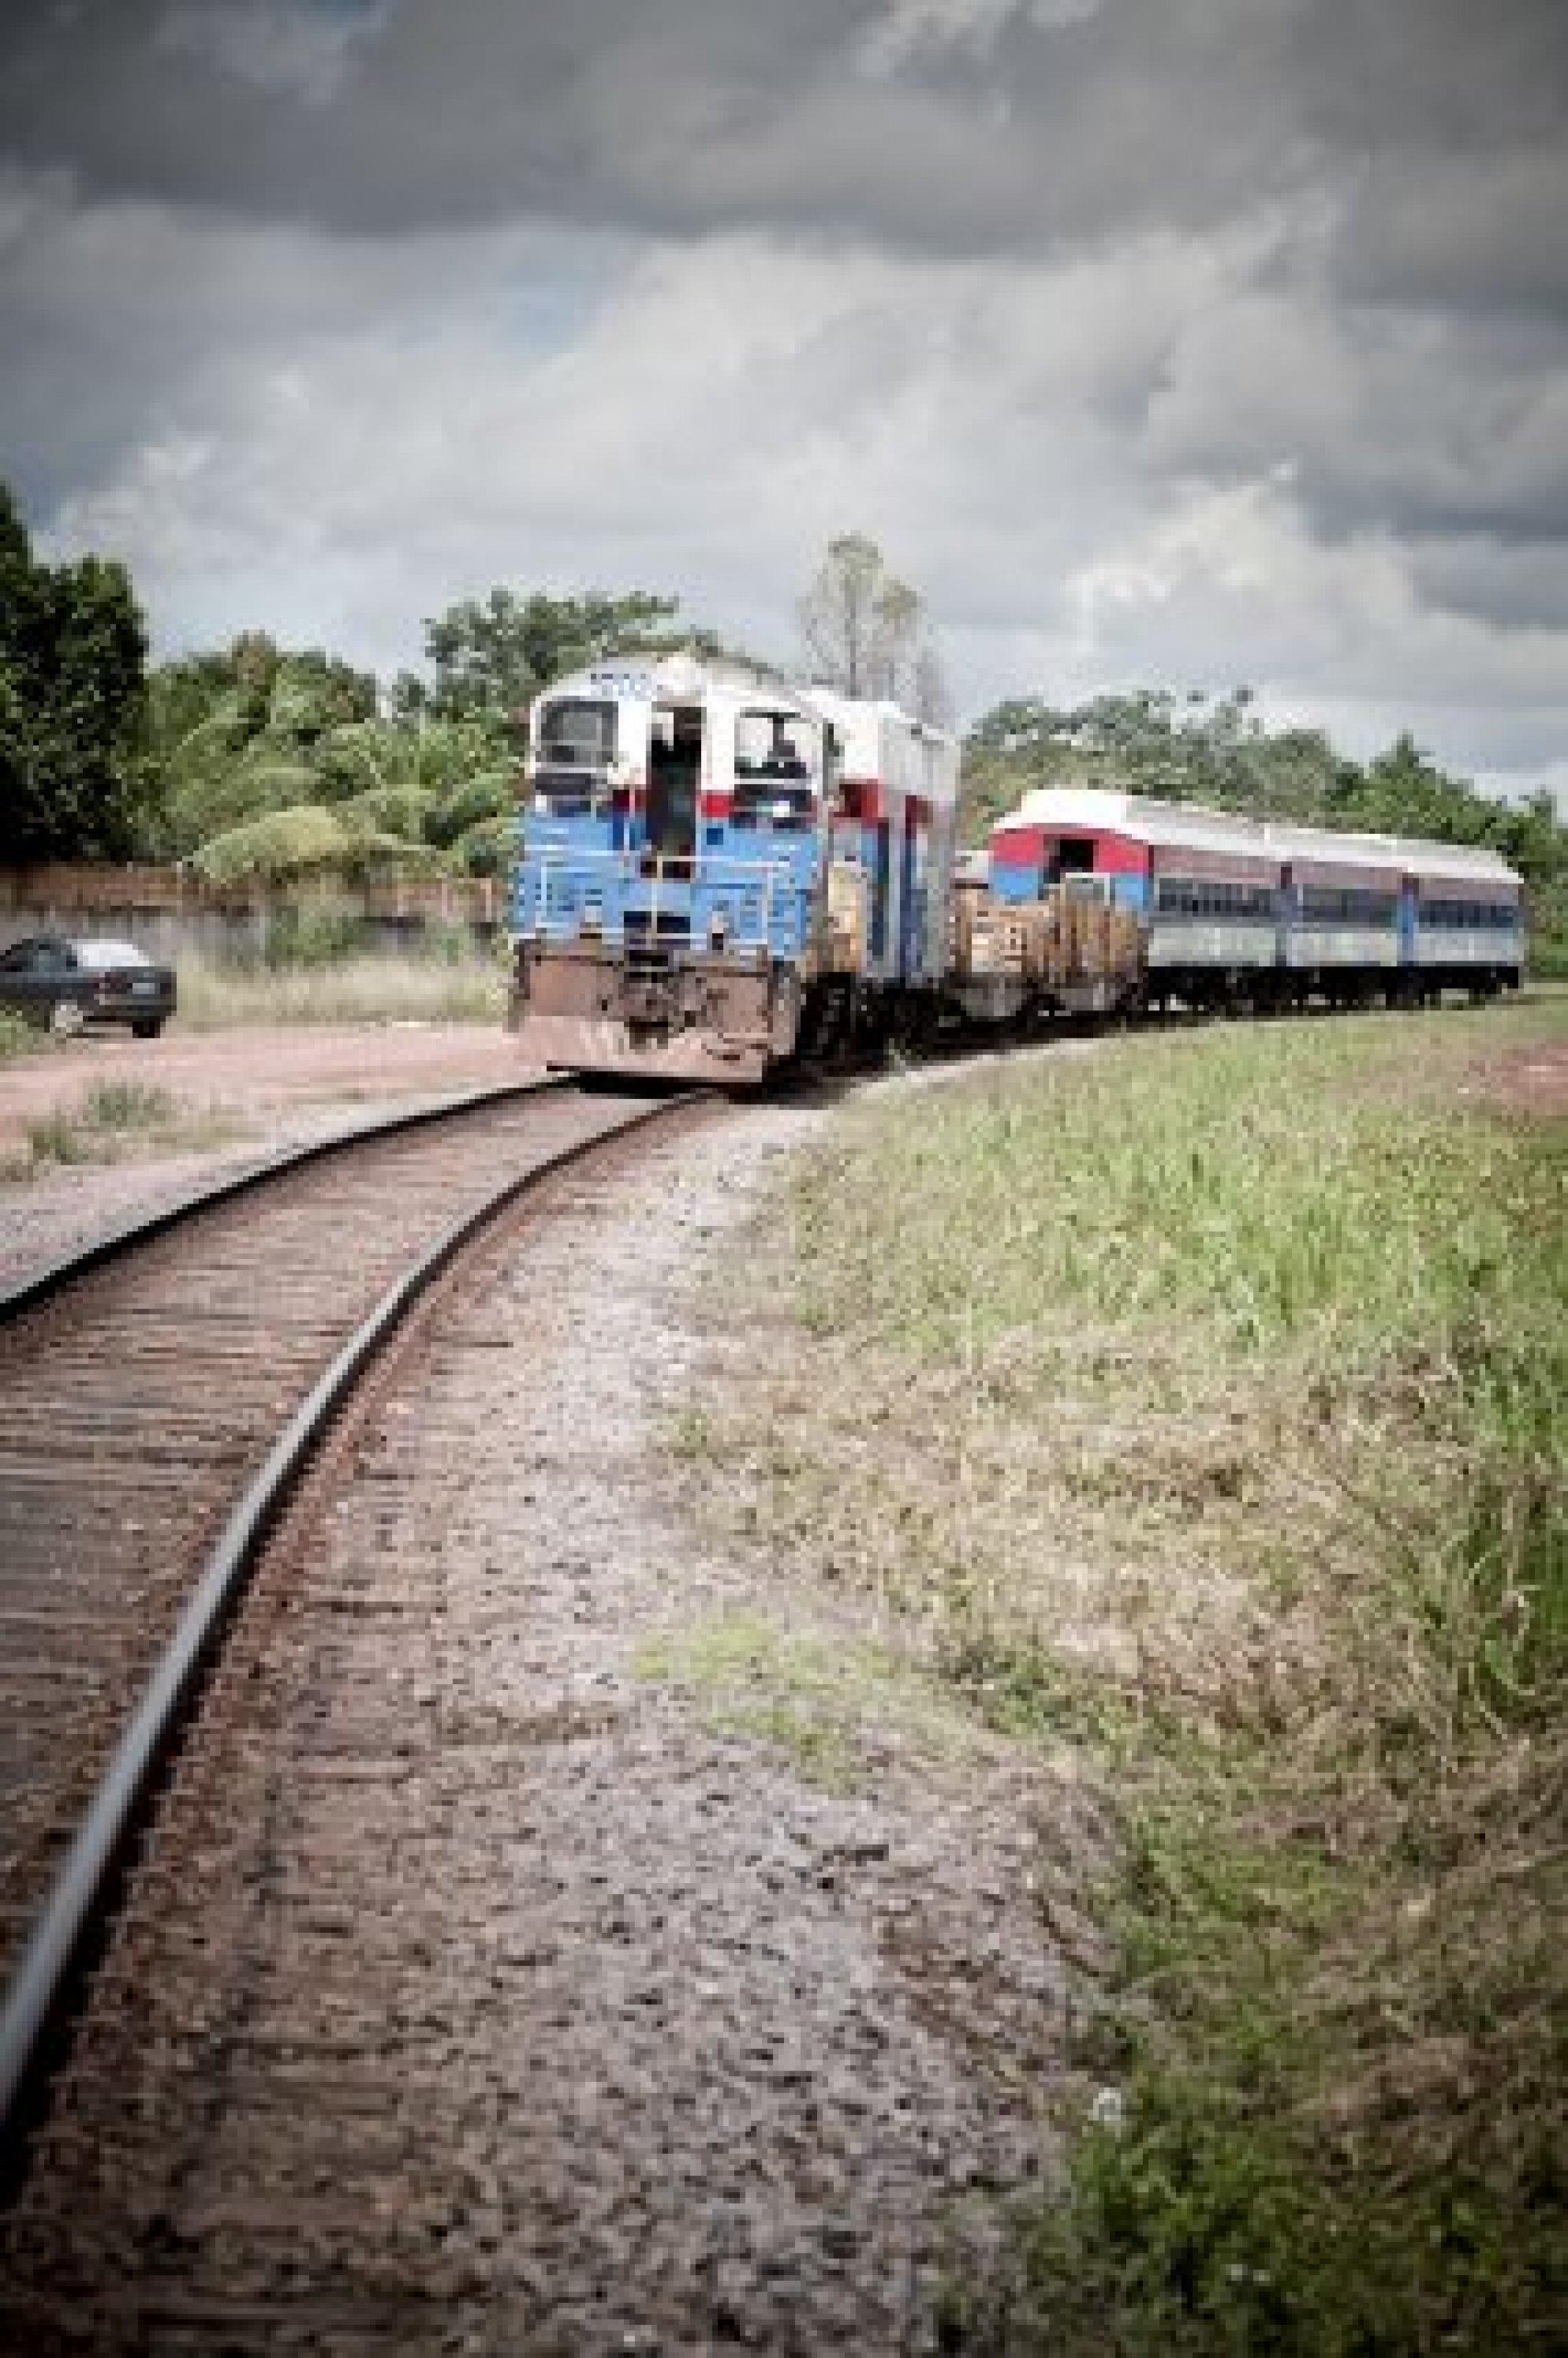 Le train quitte la ville de Santana, direction la ville de Serra do Navio.